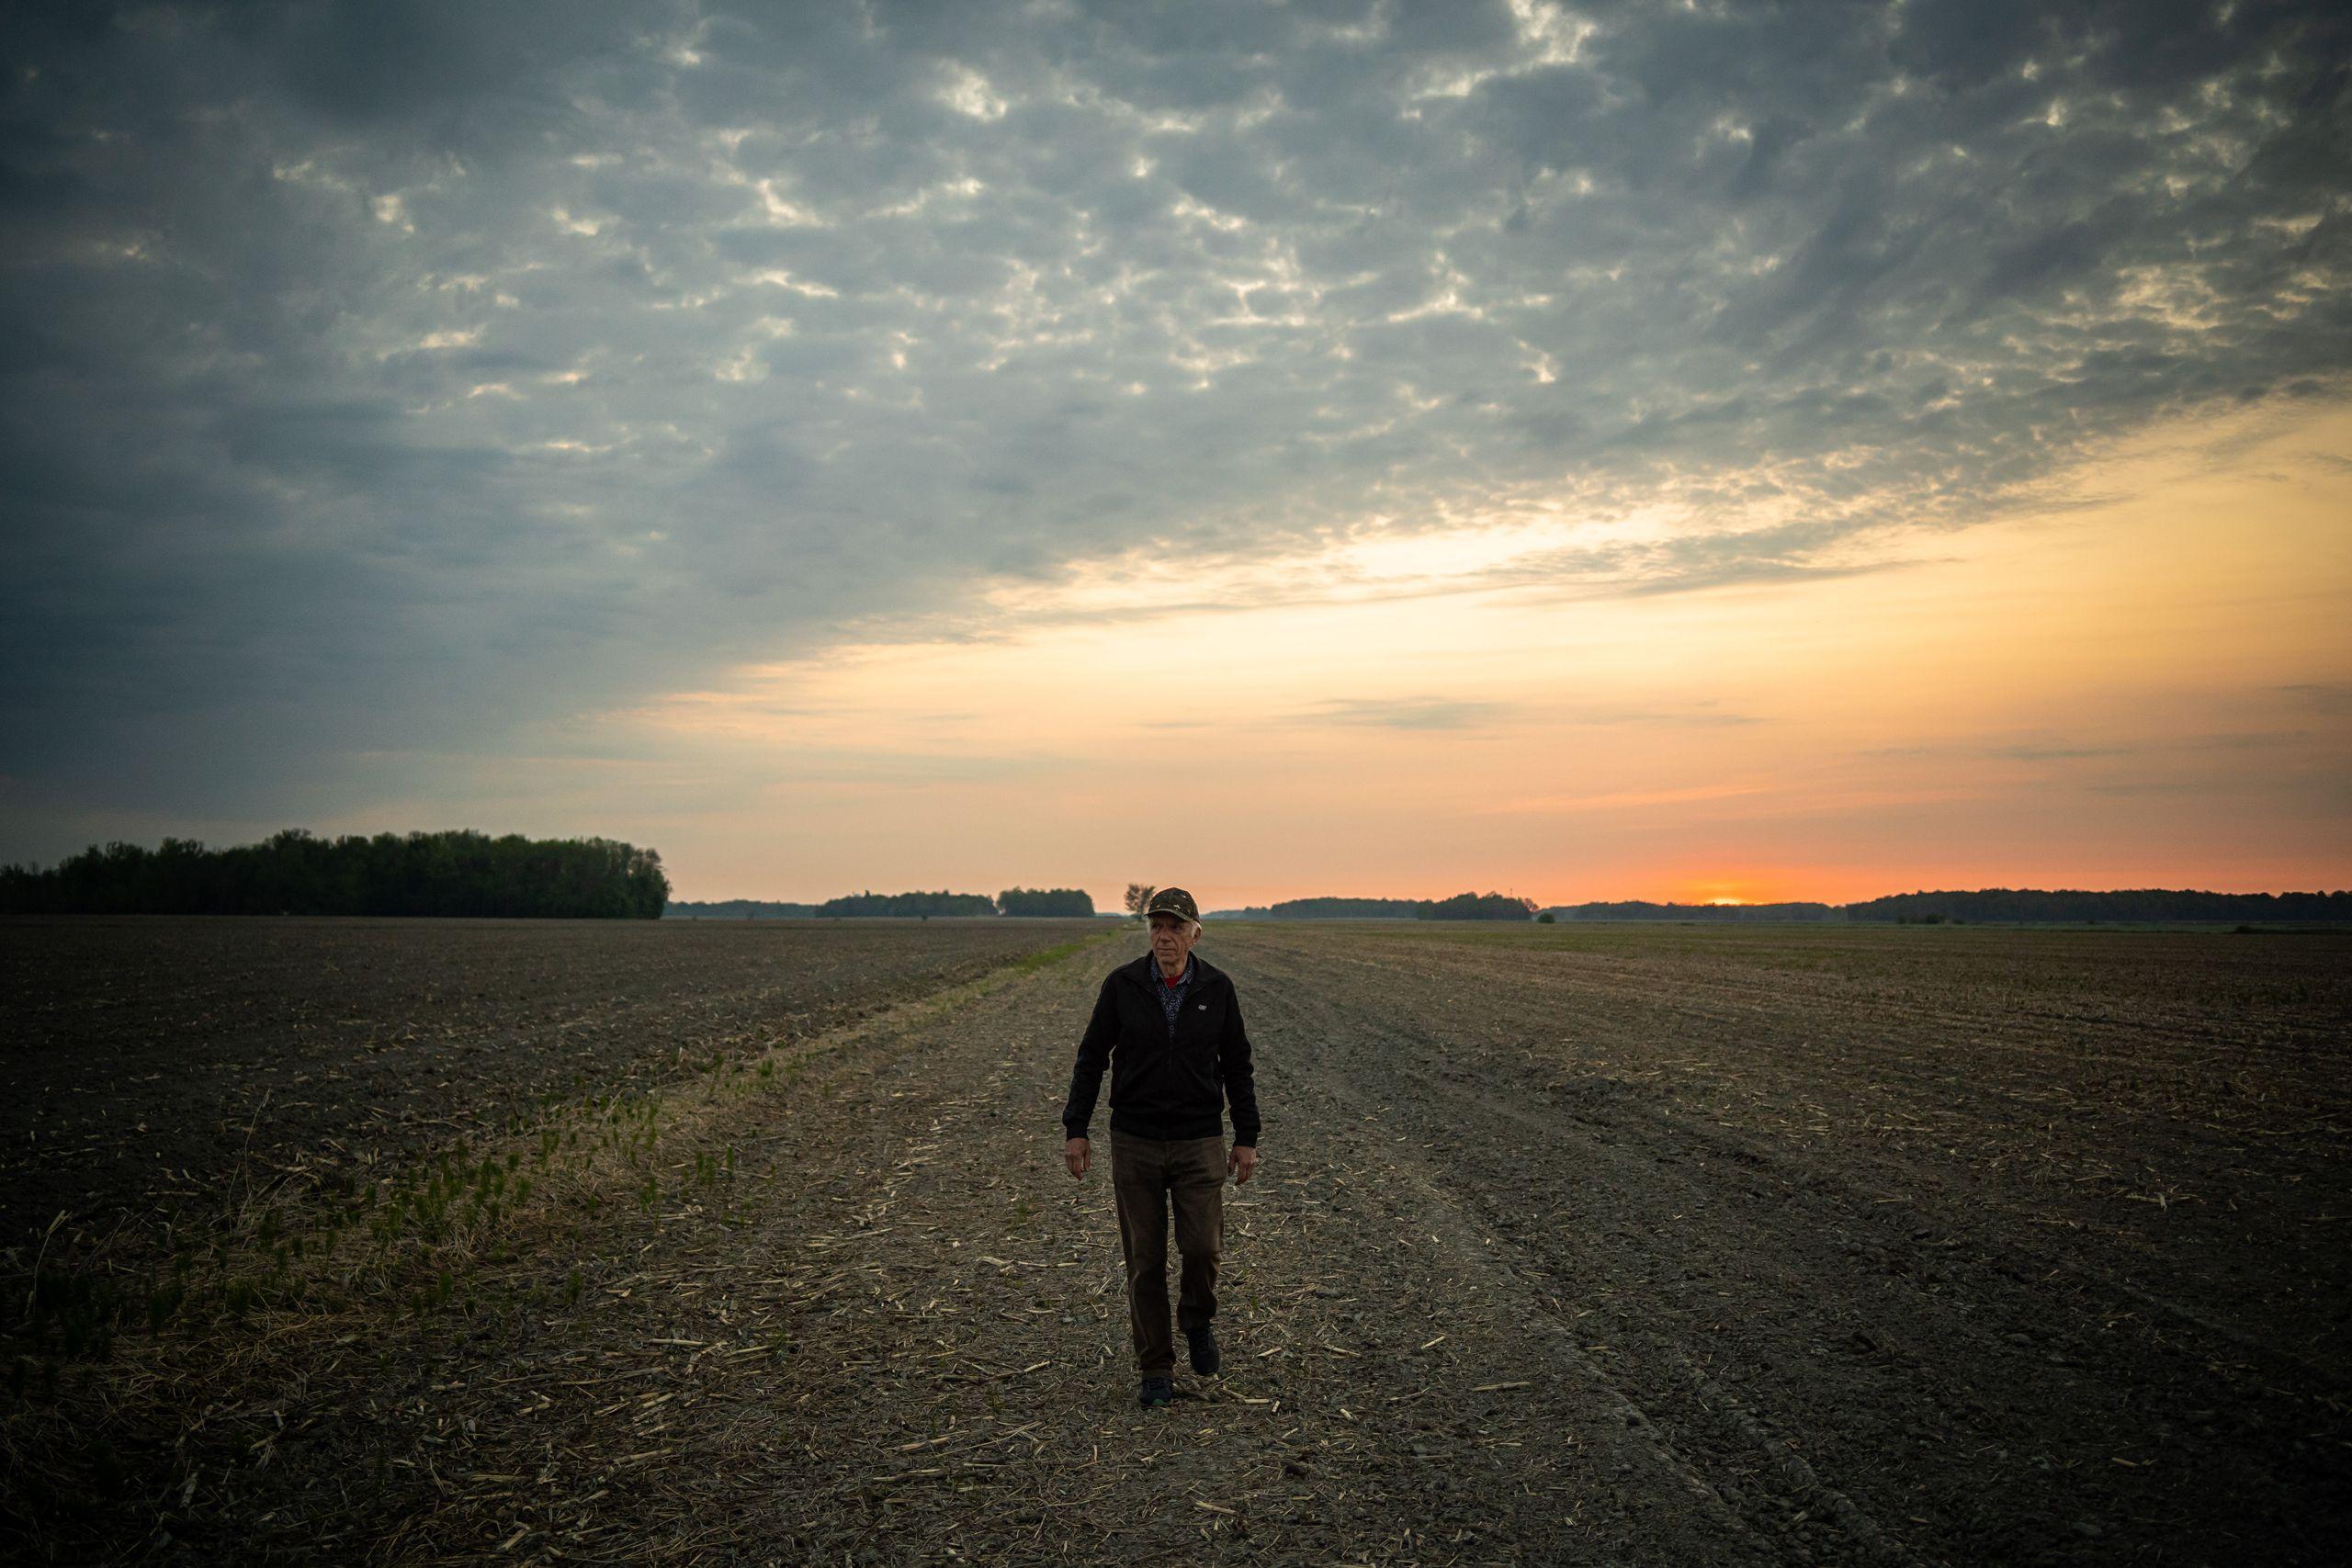 Photo de Jonas Sivo marchant dans son champ de production avec un coucher de soleil orange et des nuages texturés dans le ciel.